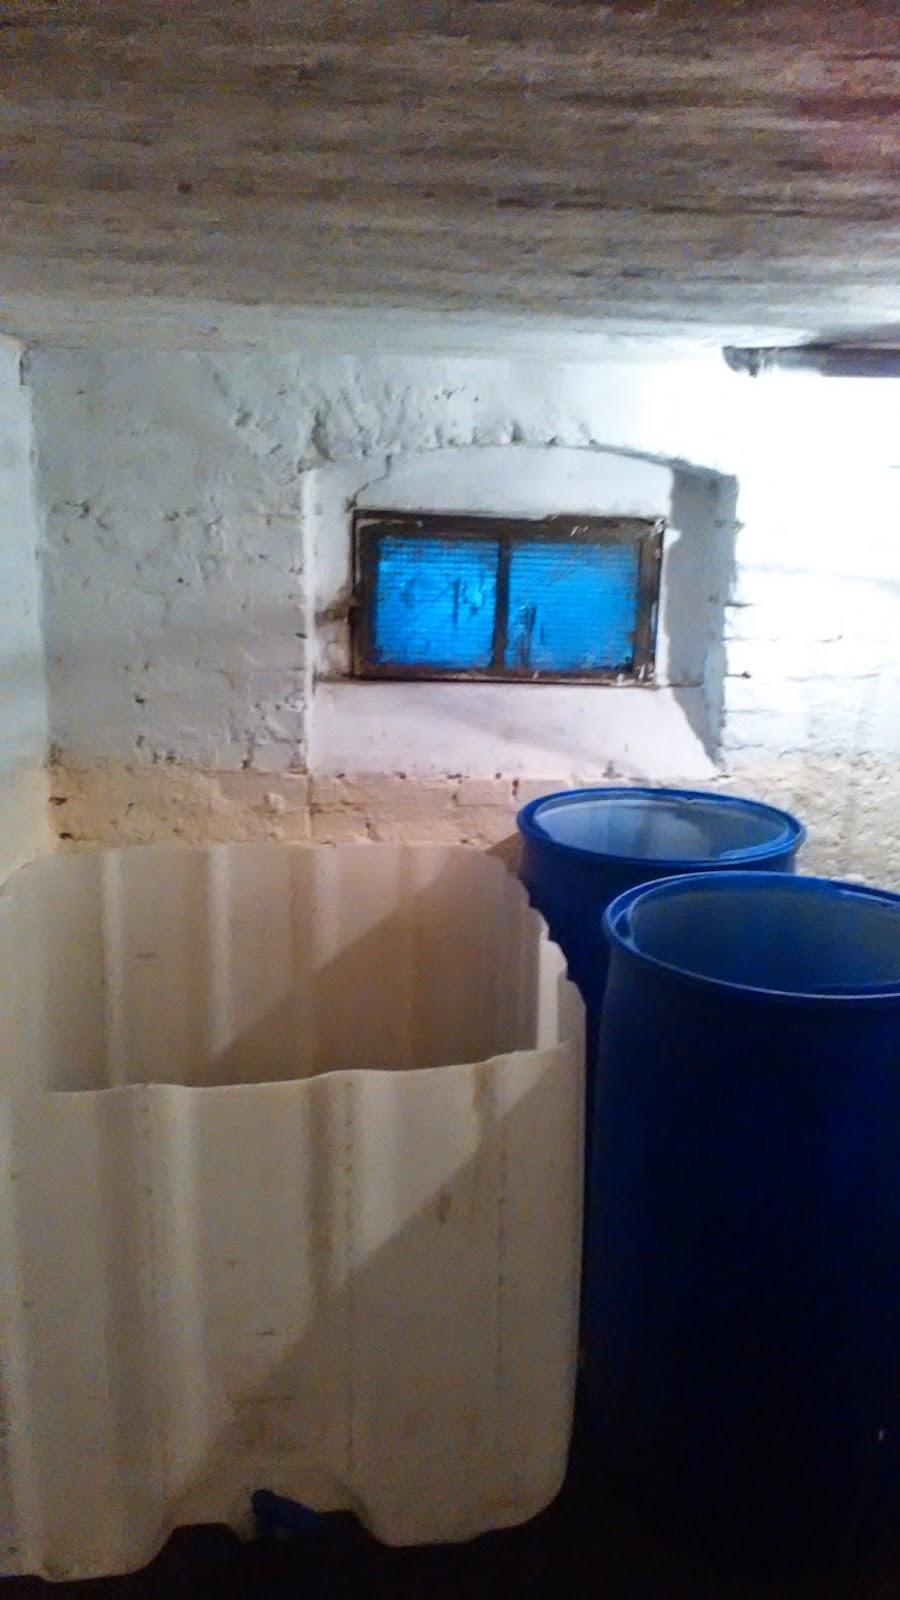 Przygotowania do budowy systemu akwaponicznego w piwnicy